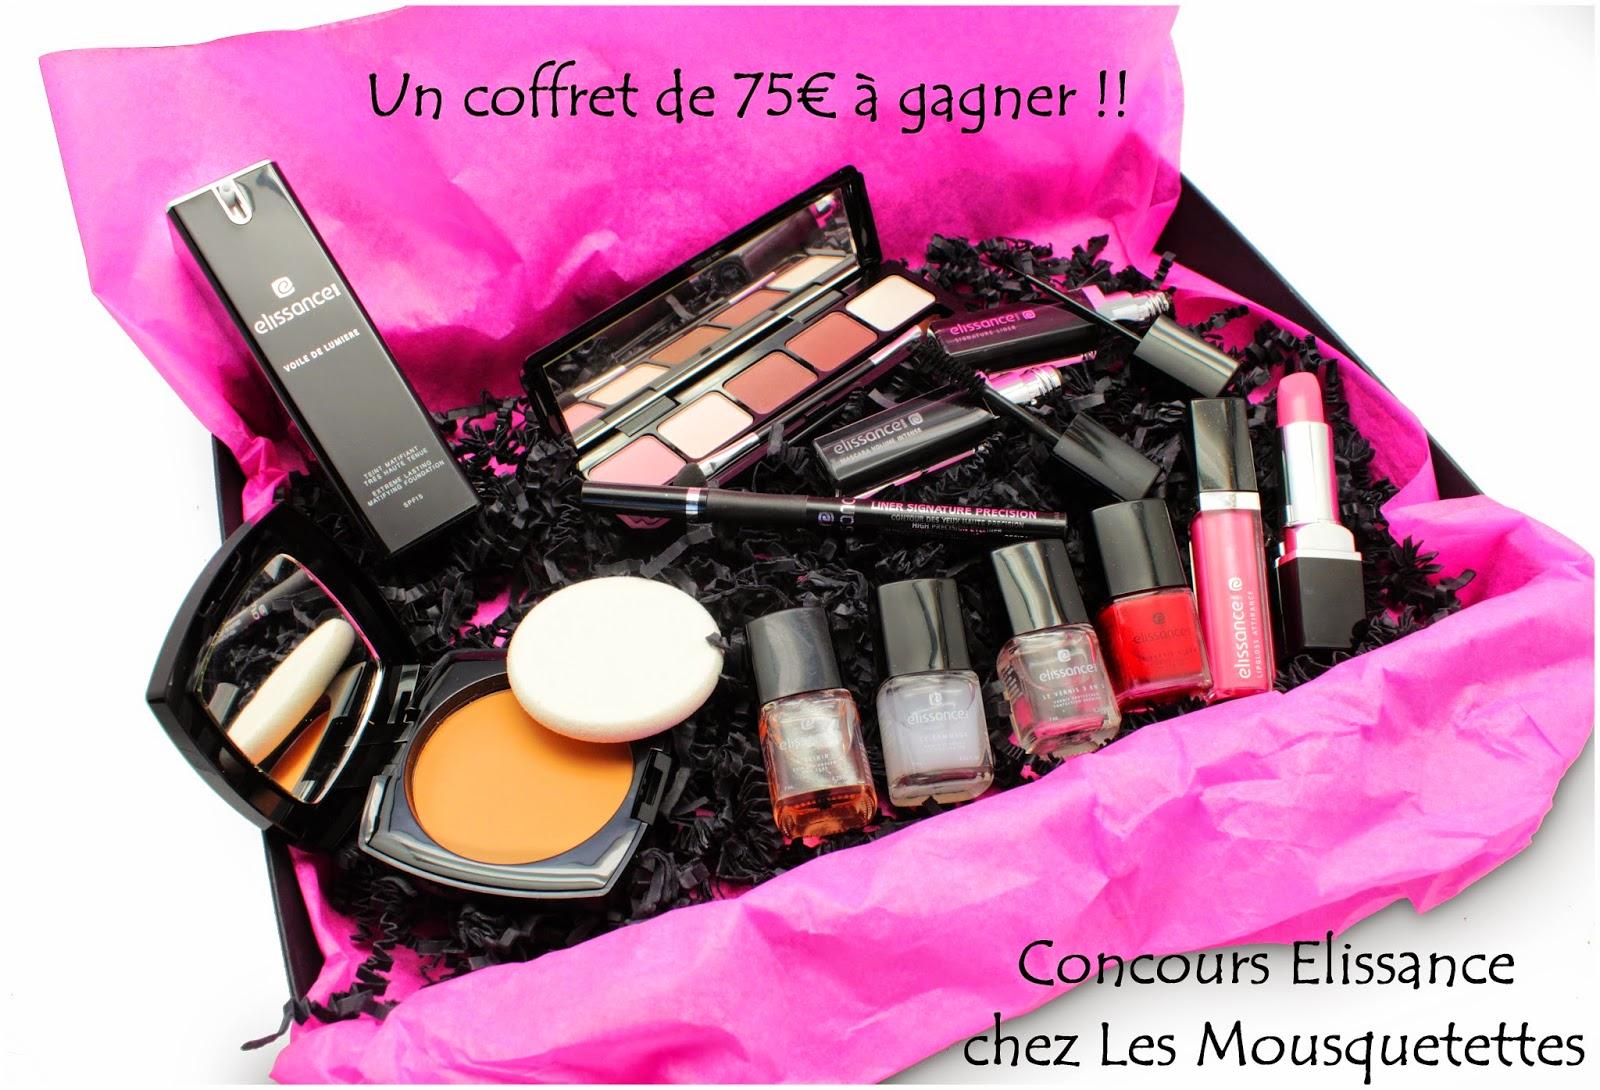 Concours Elissance Paris 75€ de lot chez Les Mousquetettes©